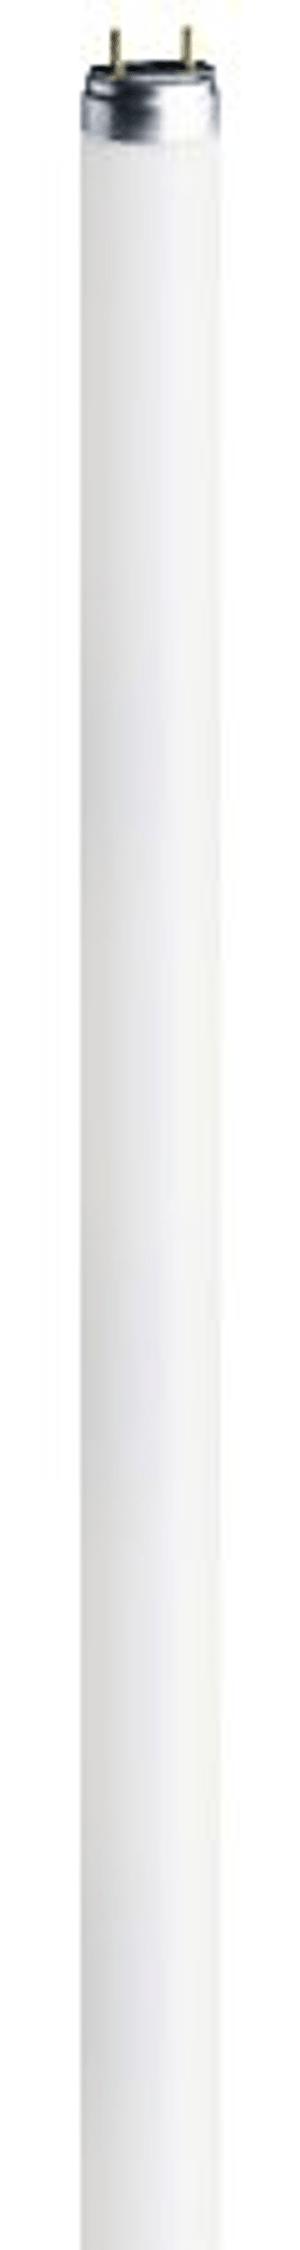 Röhre FL G5 21W 840